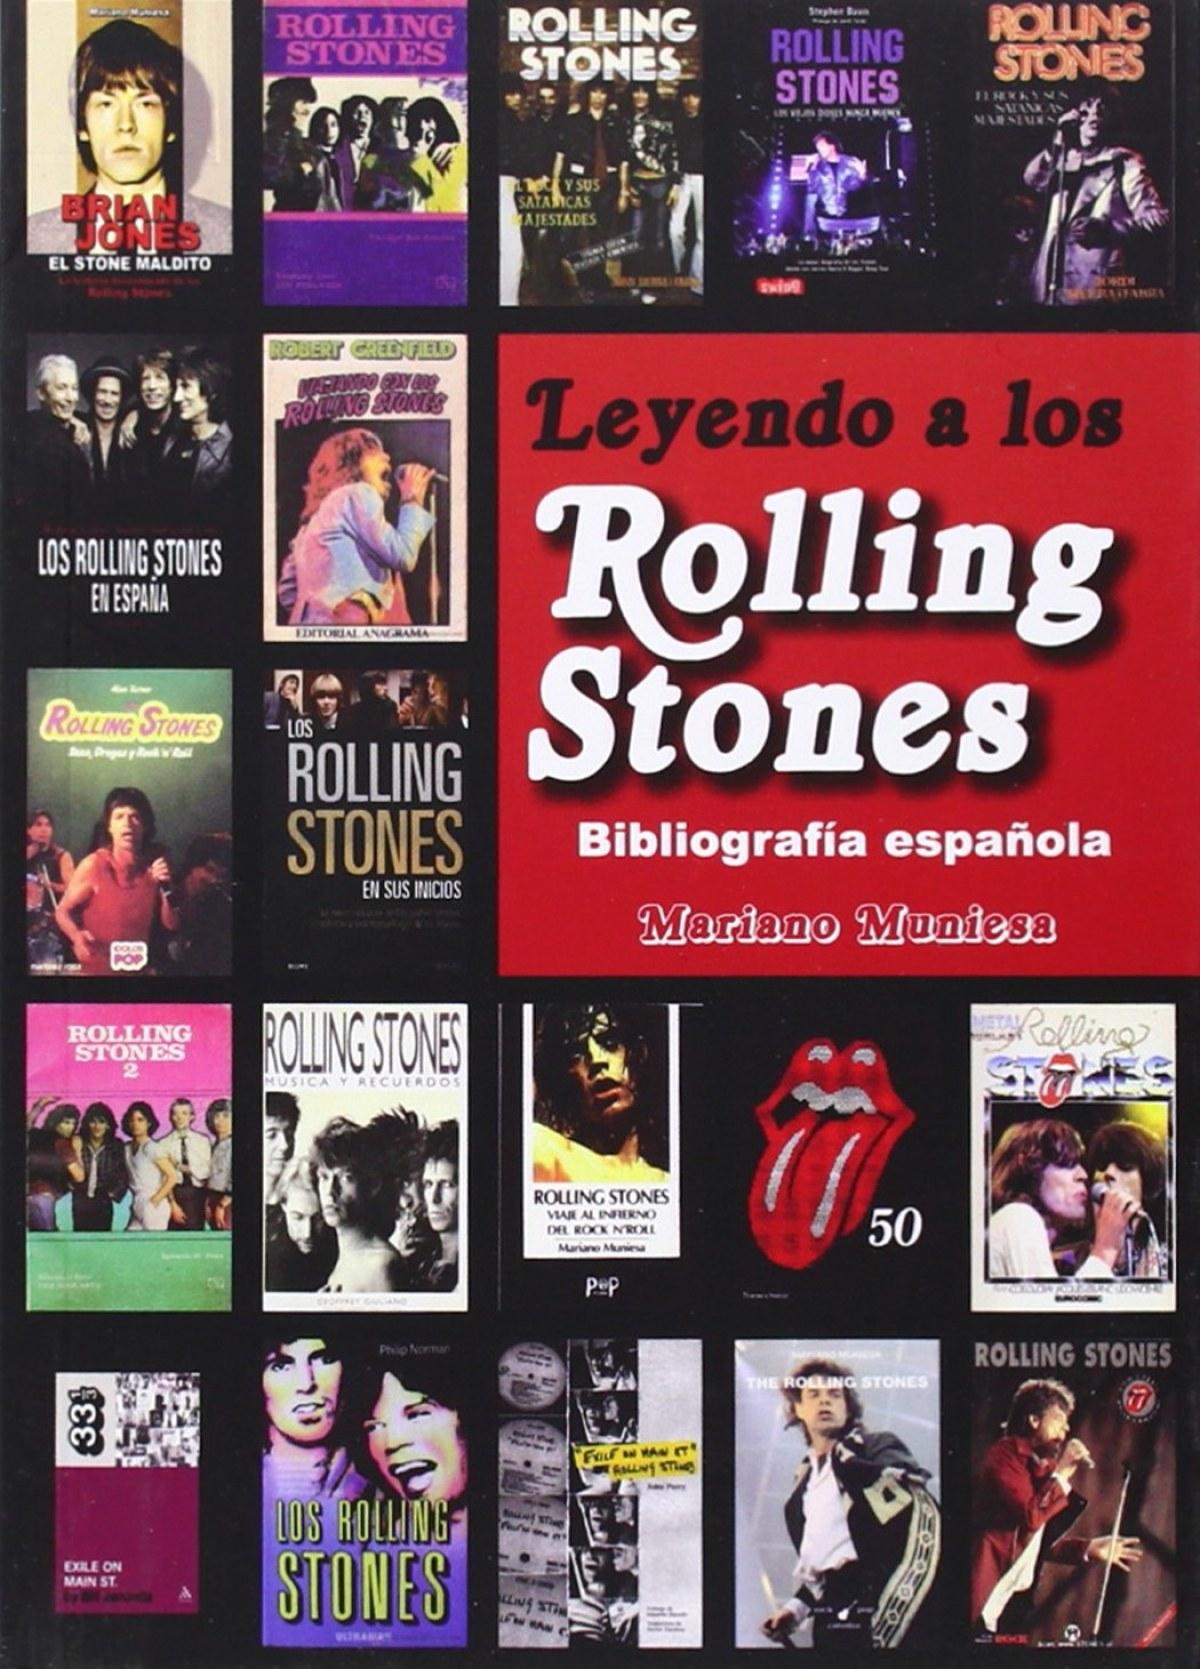 Leyendo a los rolling stones: bibliografia española 9788415191933